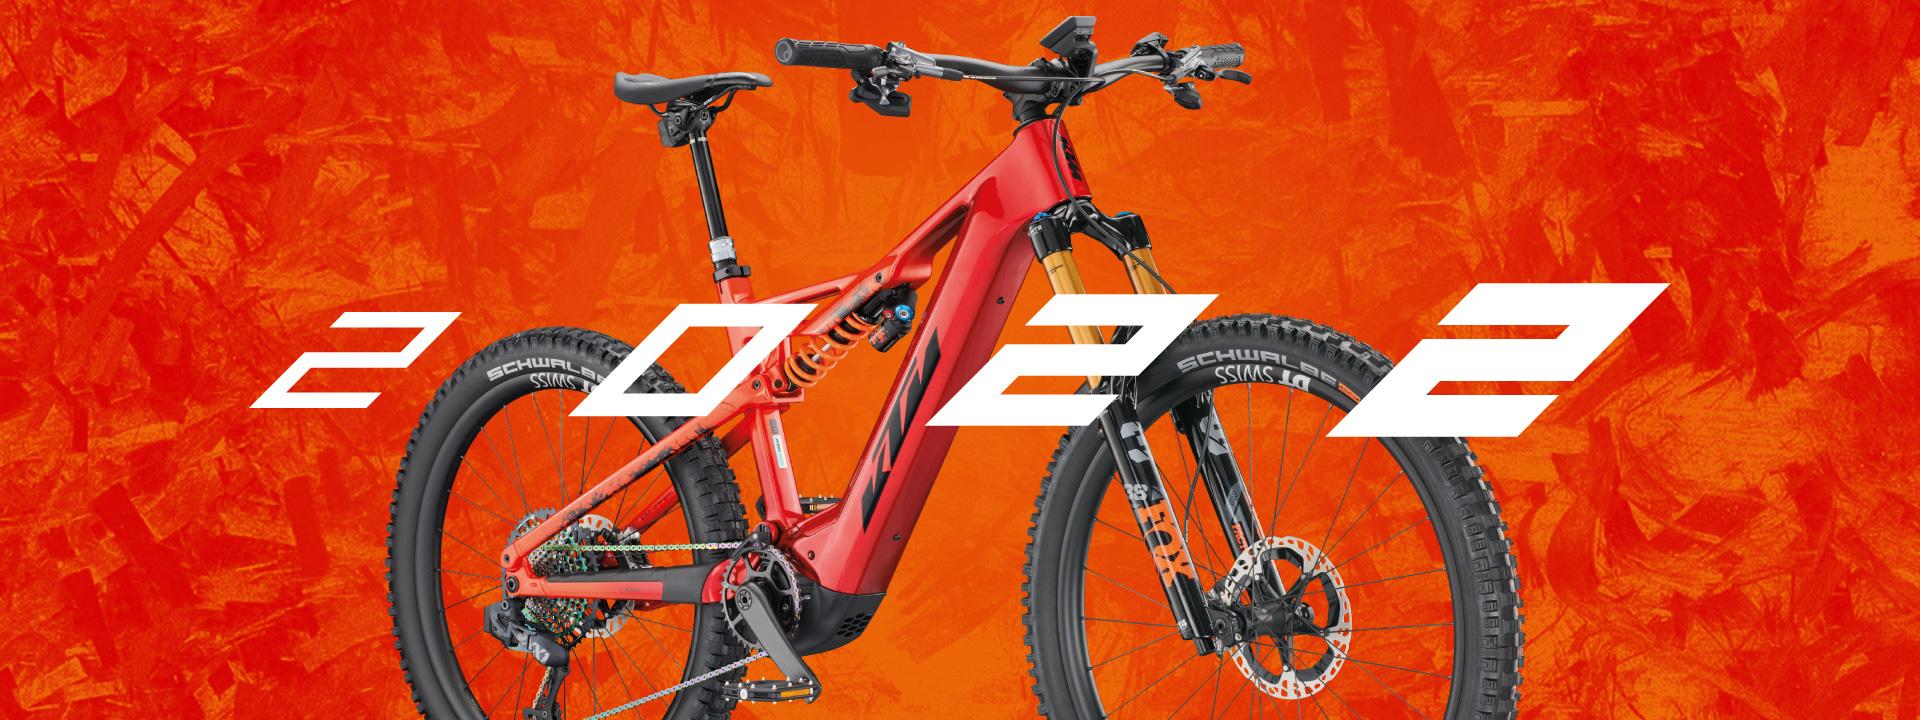 Bild von aktueller KTM Bike Collection